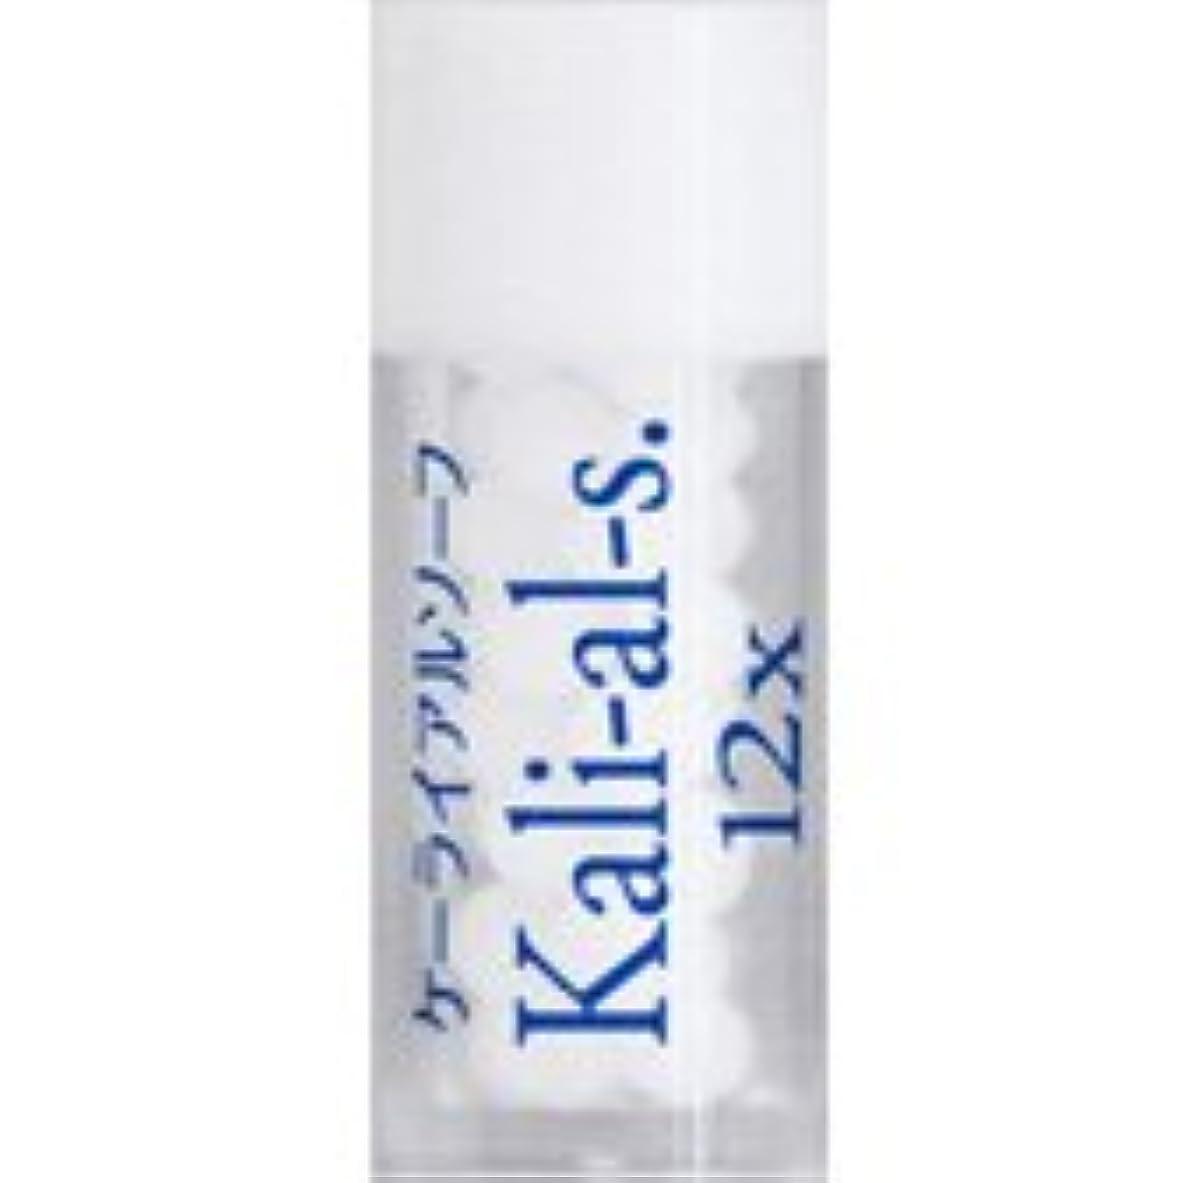 権威悪因子ゼロ36バイタルエレメントキット 対応 各種 (17)Kali-al-s.12X ケーライアルソーフ)